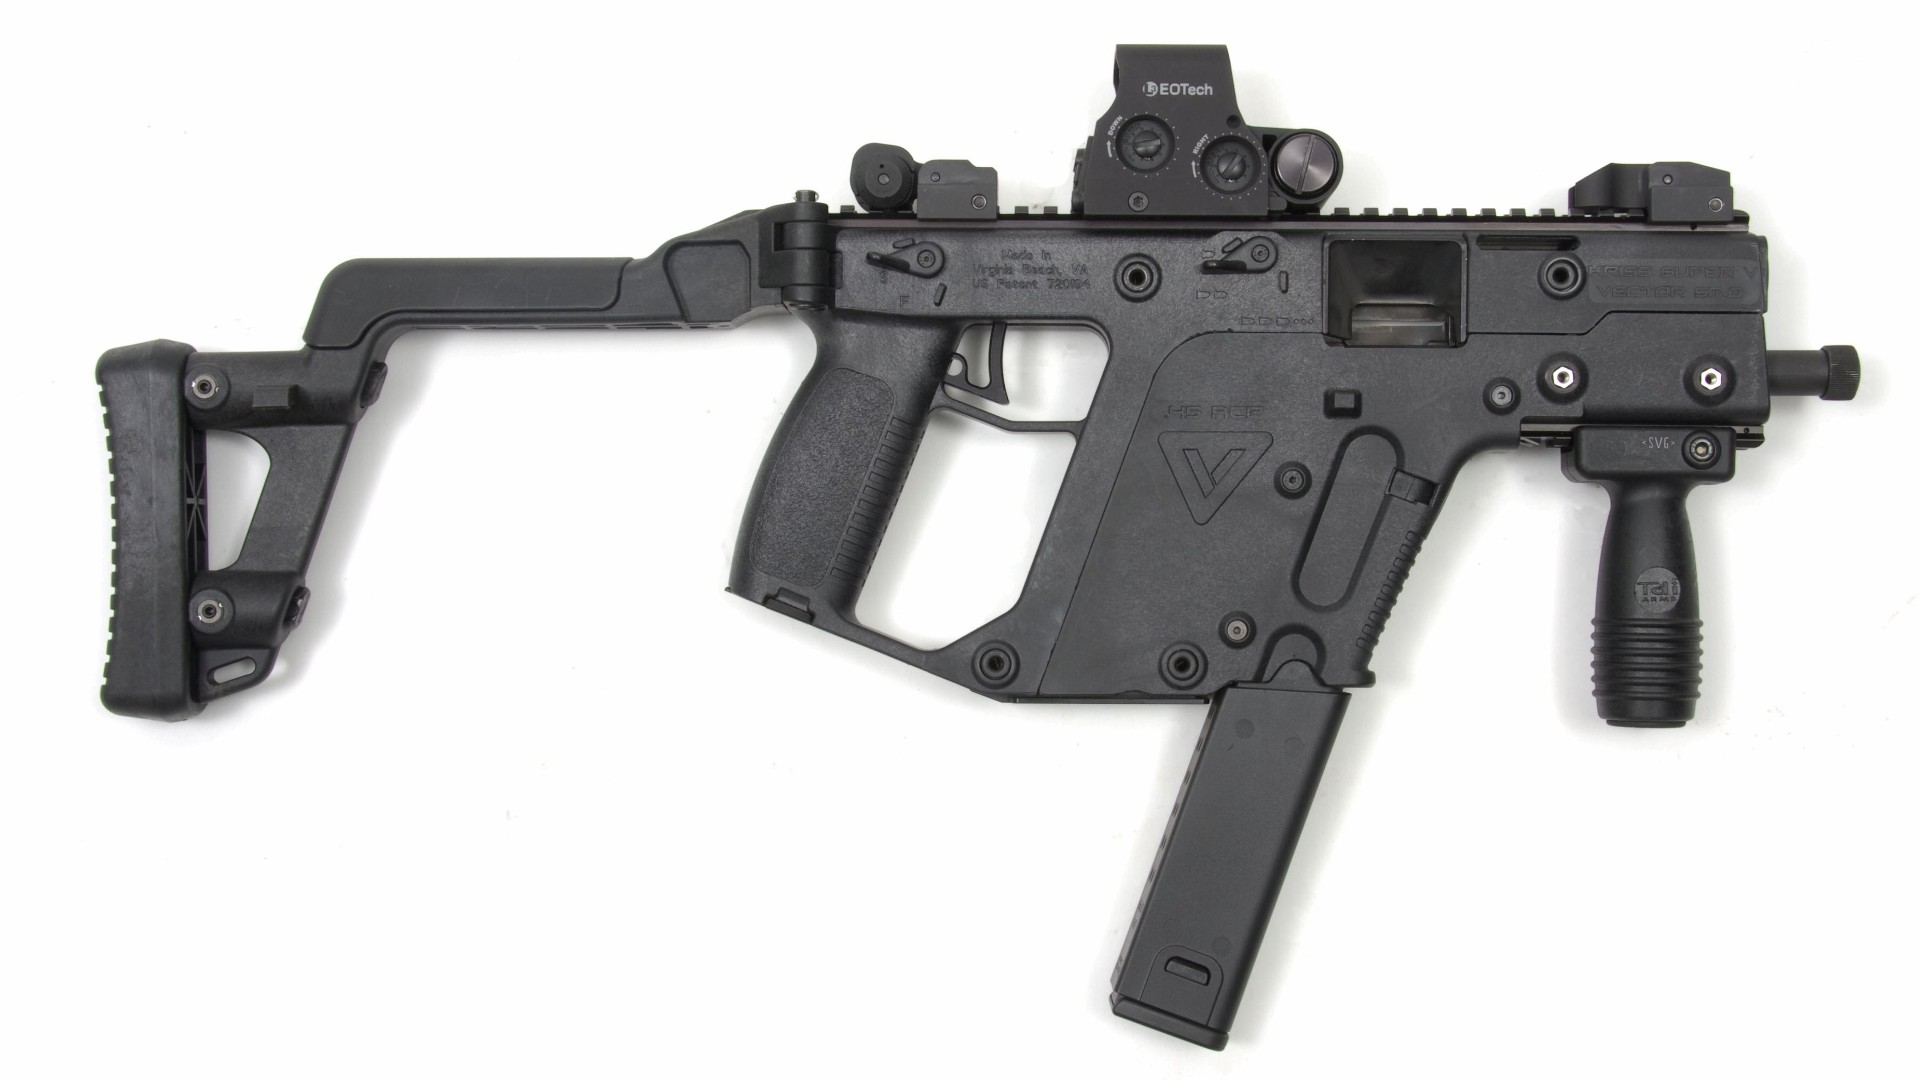 1920x1080-111790-kriss-vector-submachine-gun-usa